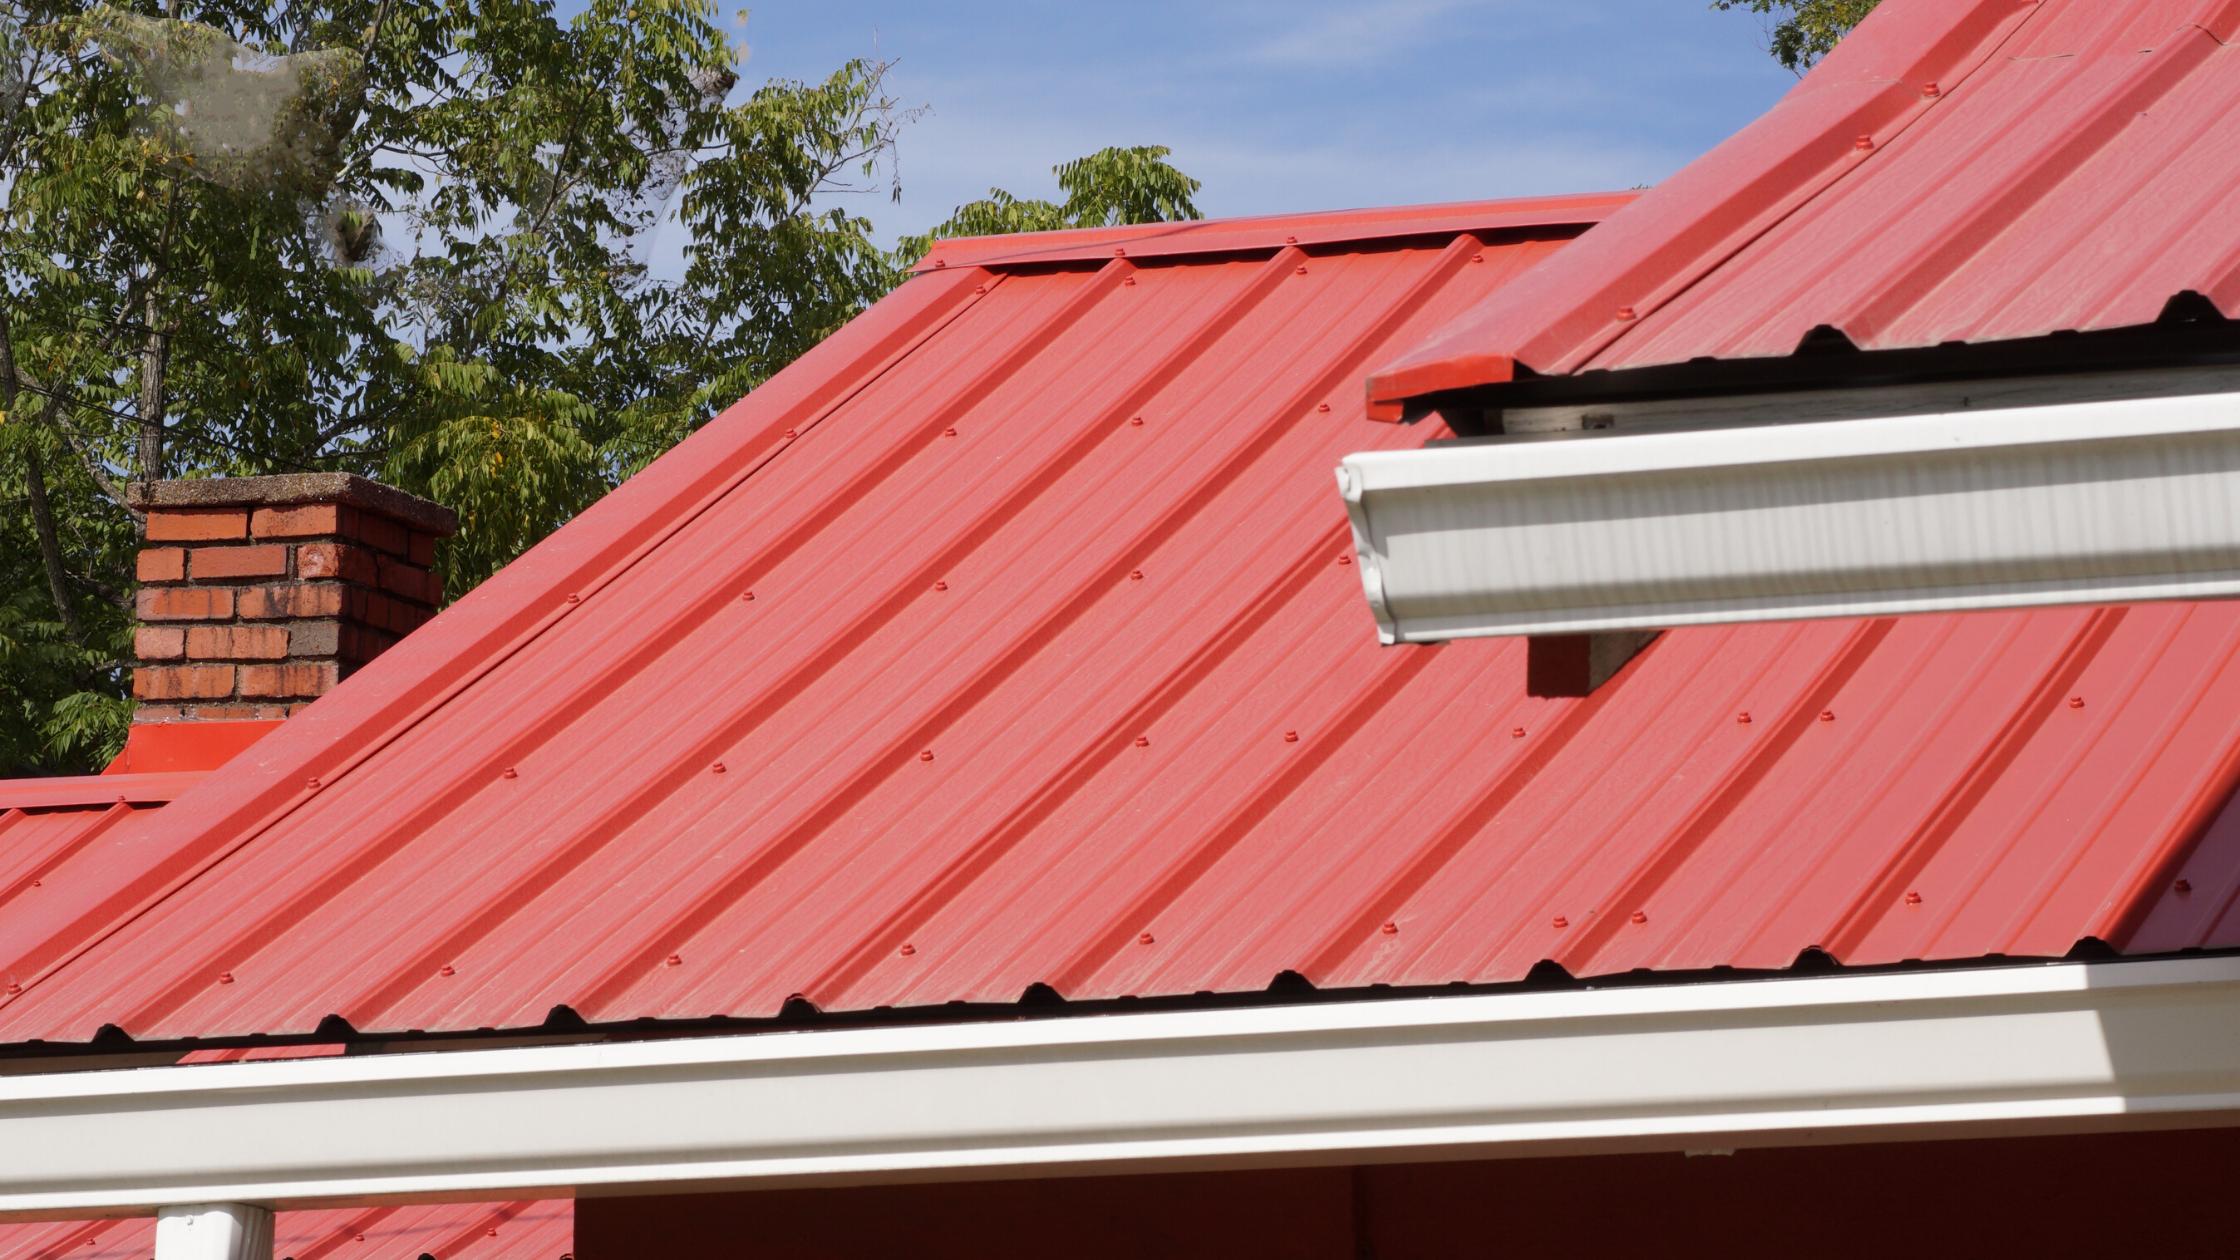 metal roof flashing: installing flashing